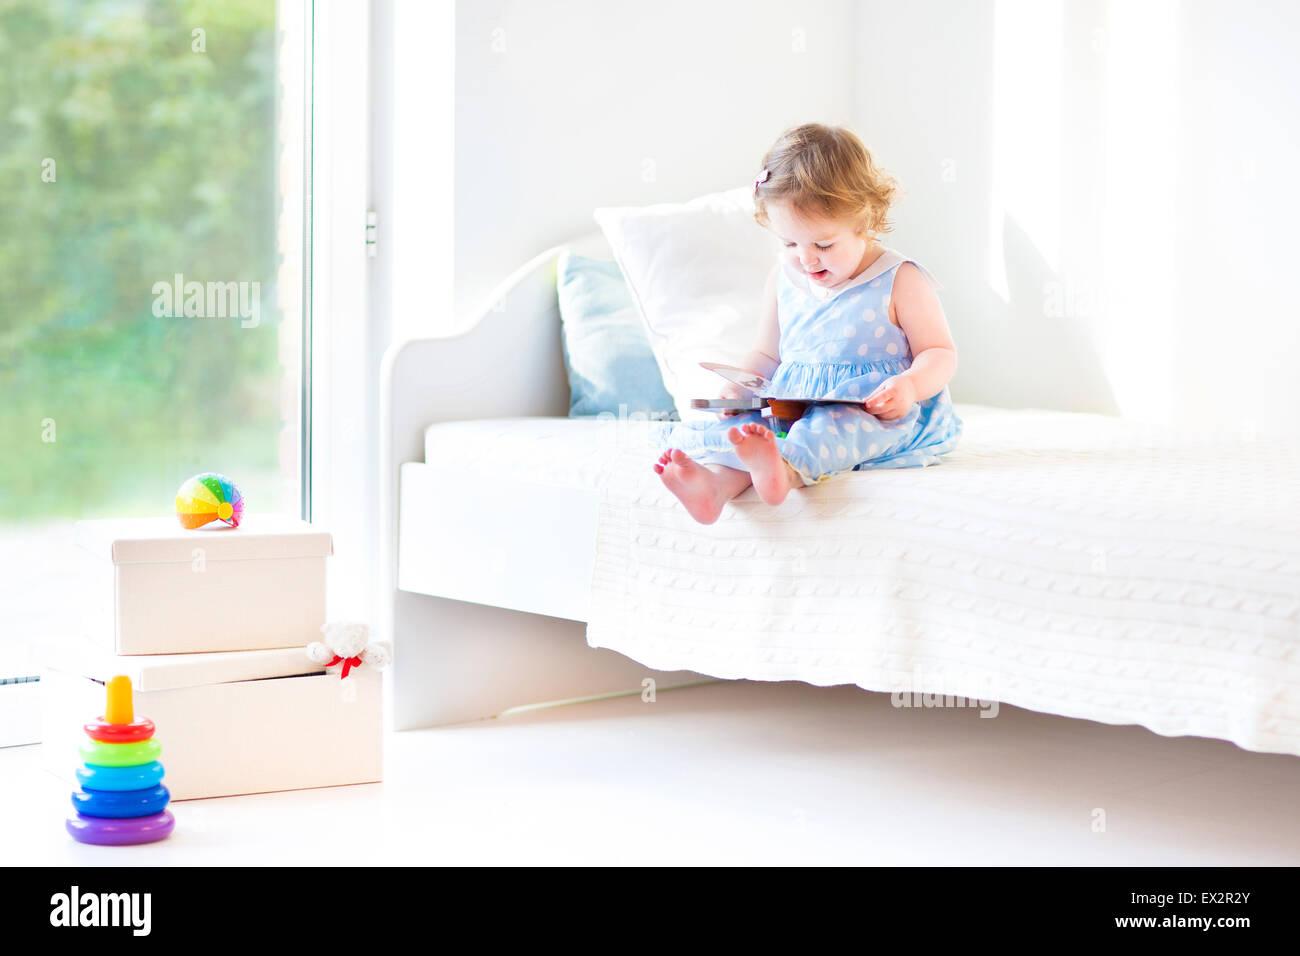 Adorável toddler Menina lendo um livro sentado em uma cama branca em uma grande janela com vista para o jardim Imagens de Stock